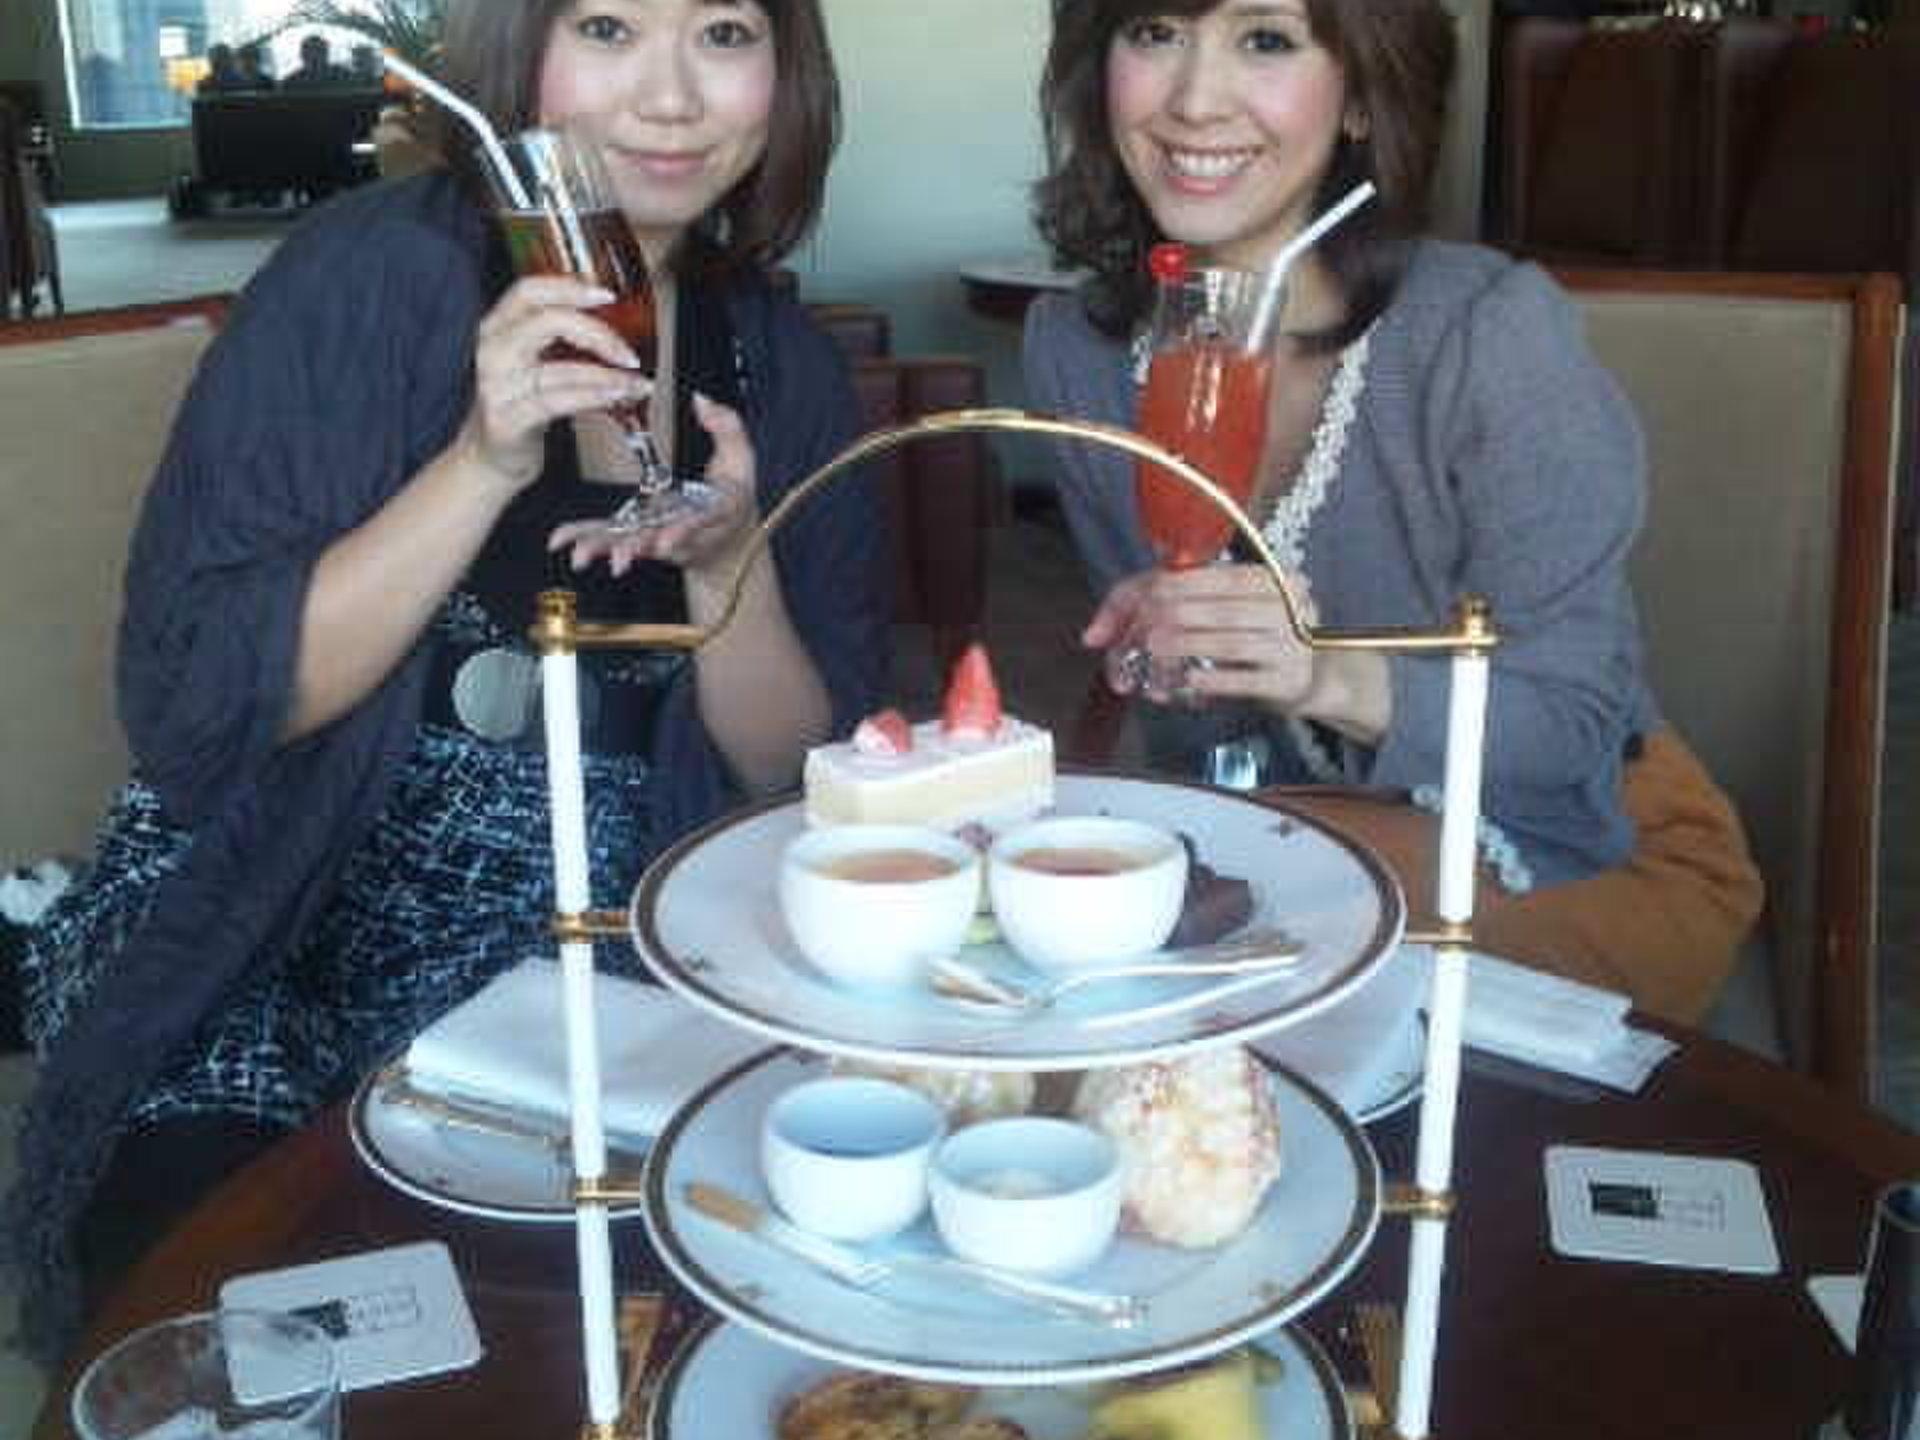 銀座や日比谷での女子会におすすめ!帝国ホテルのインペリアルラウンジでアフタヌーンティー